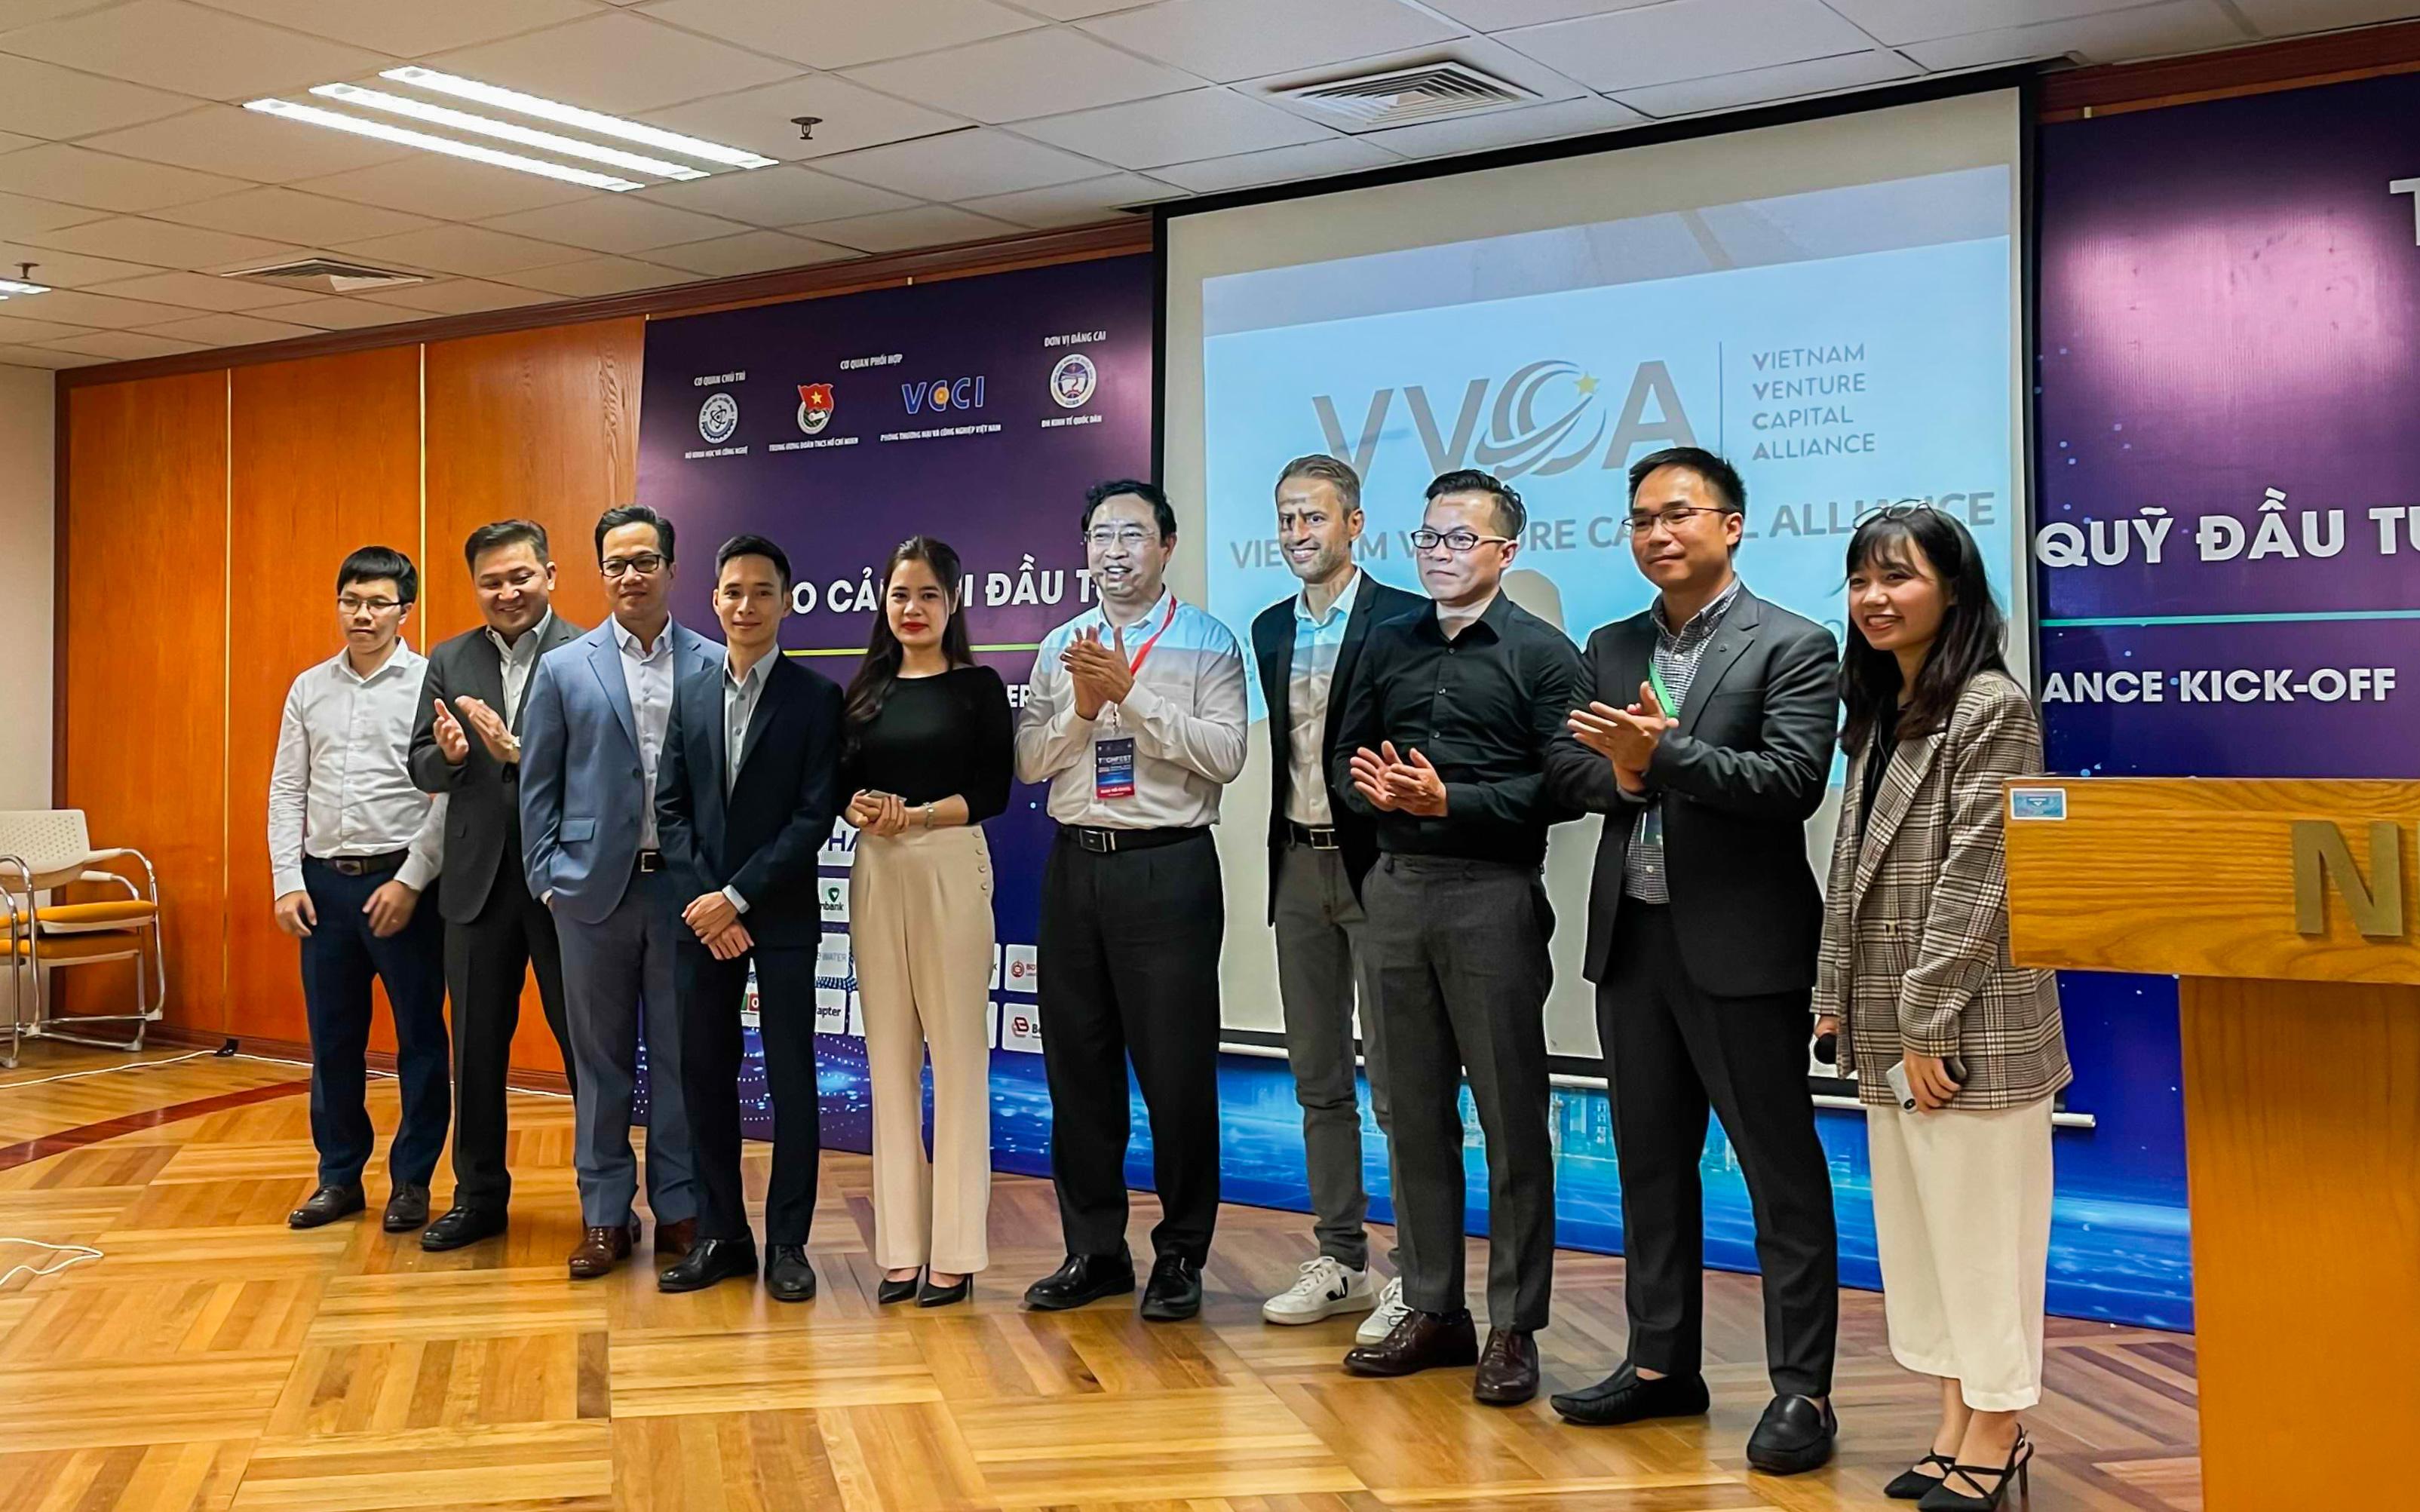 Ra mắt Liên minh Quỹ Đầu tư Việt Nam: Tăng cơ hội kết nối, cải thiện môi trường đầu tư mạo hiểm tại Việt Nam